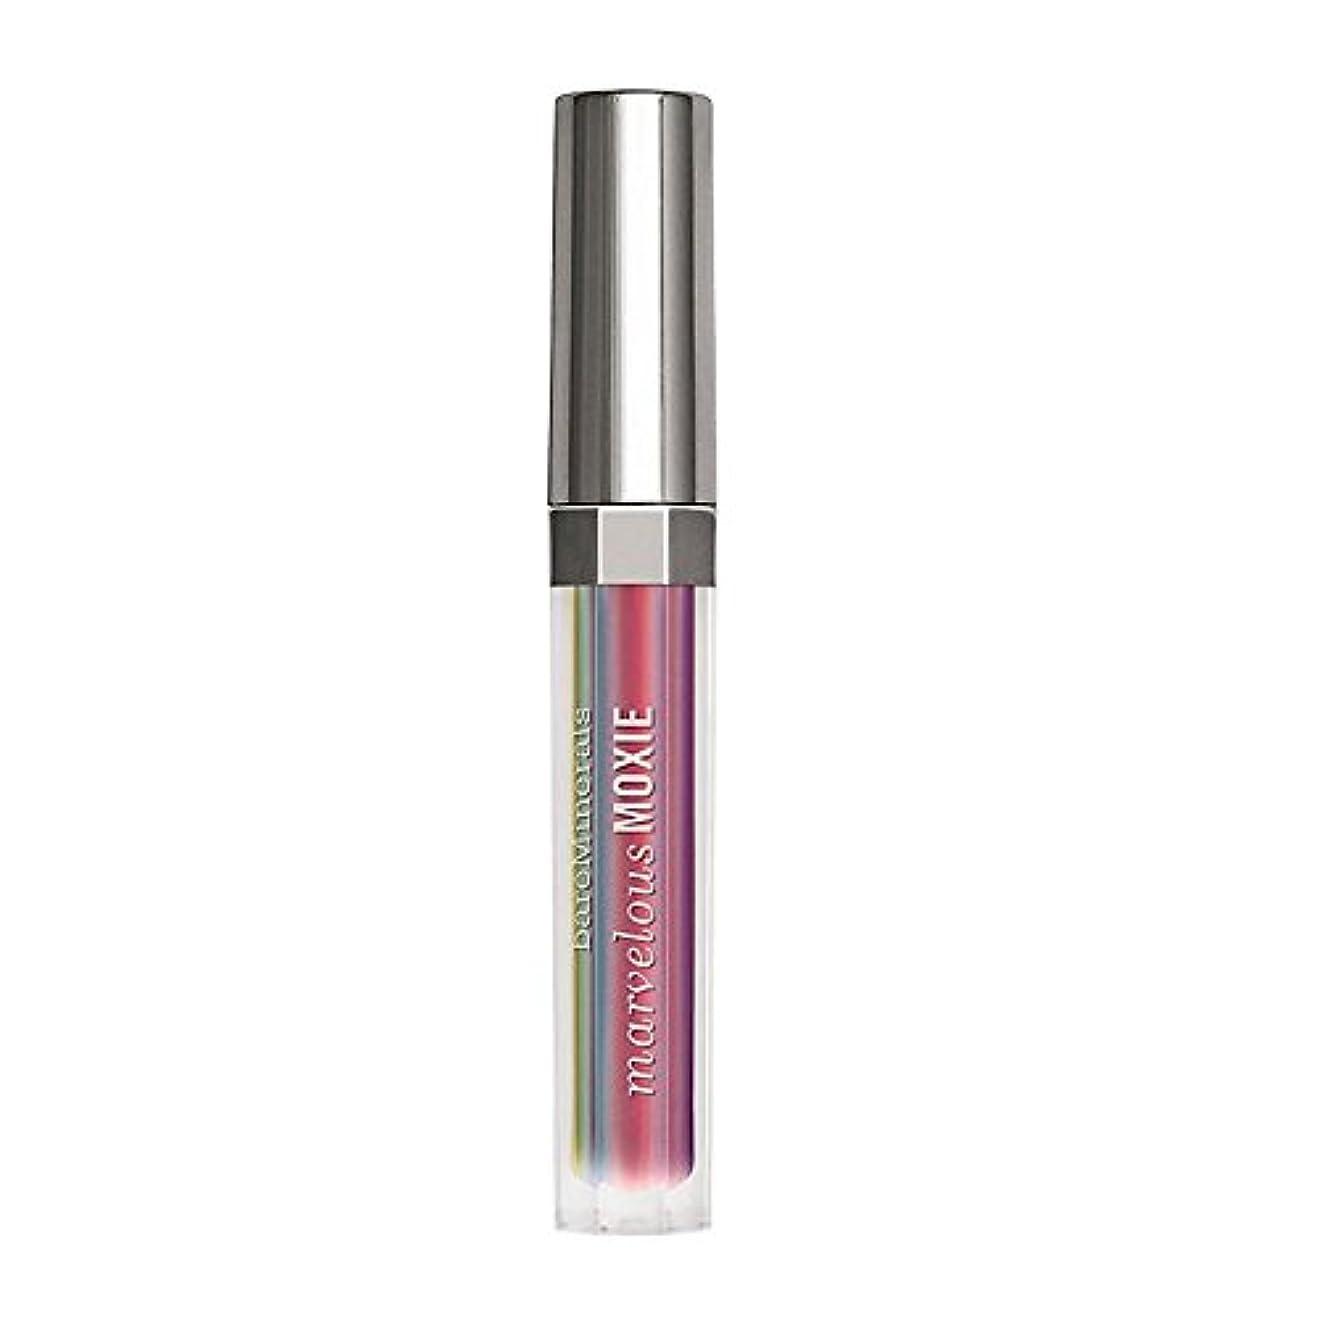 脅かす決定的ヒステリックベアミネラル Marvelous Moxie Lipgloss - # Hypnotist (Limited Edition) 2.25ml/0.07oz並行輸入品